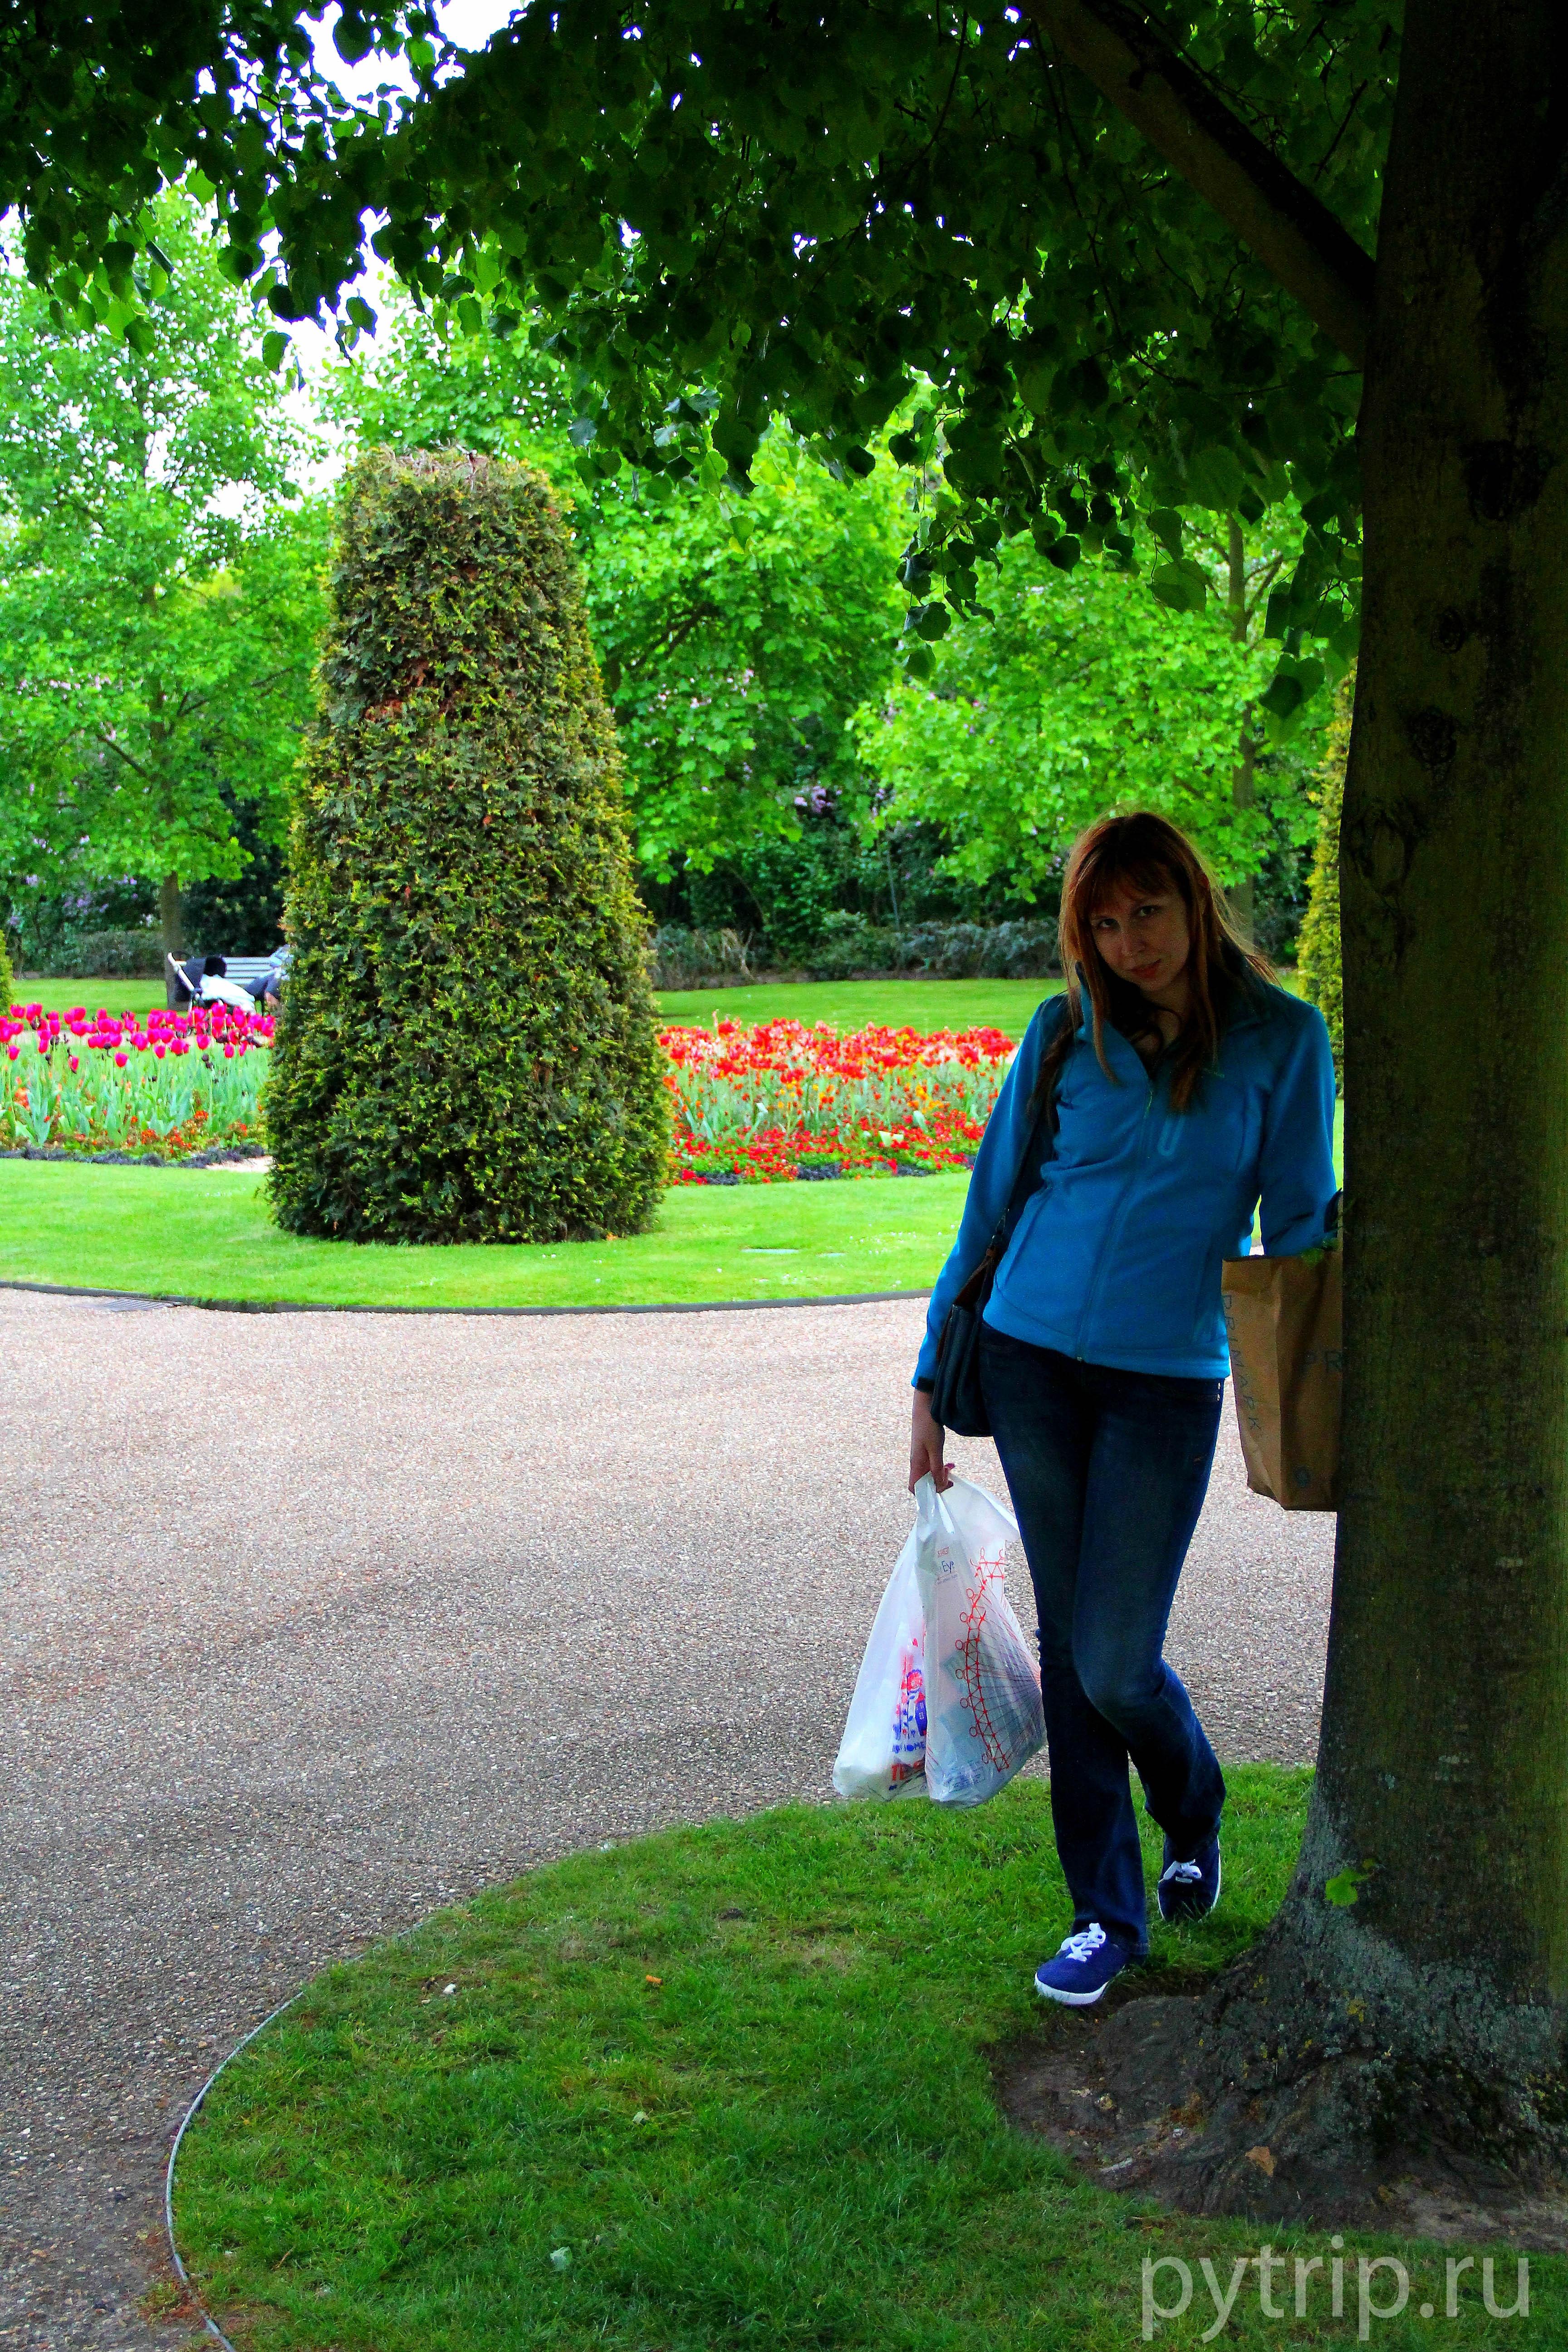 В парке очень тихо и спокойно...